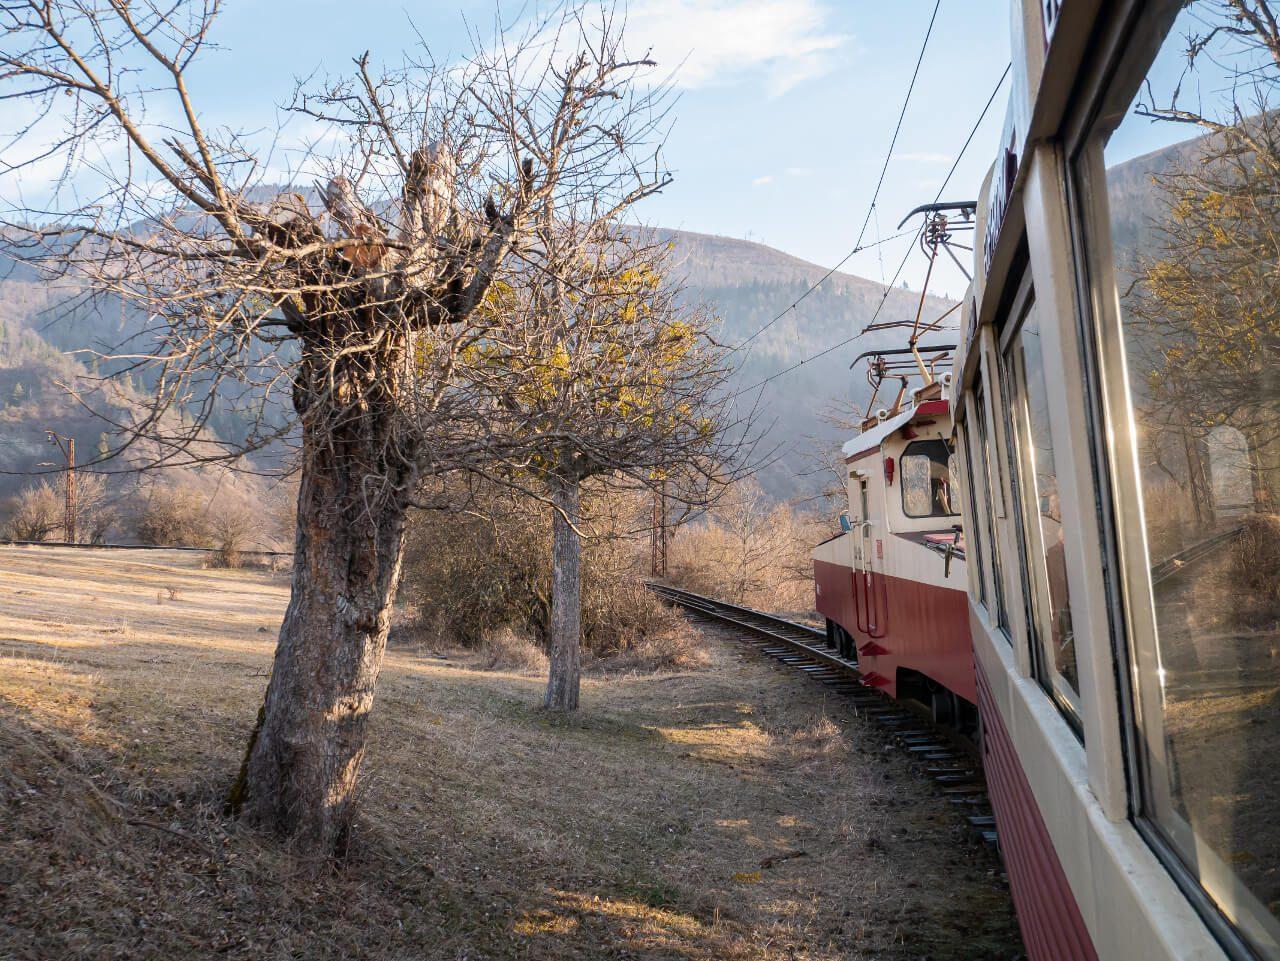 Widok na trasę pociągu do Bakuriani